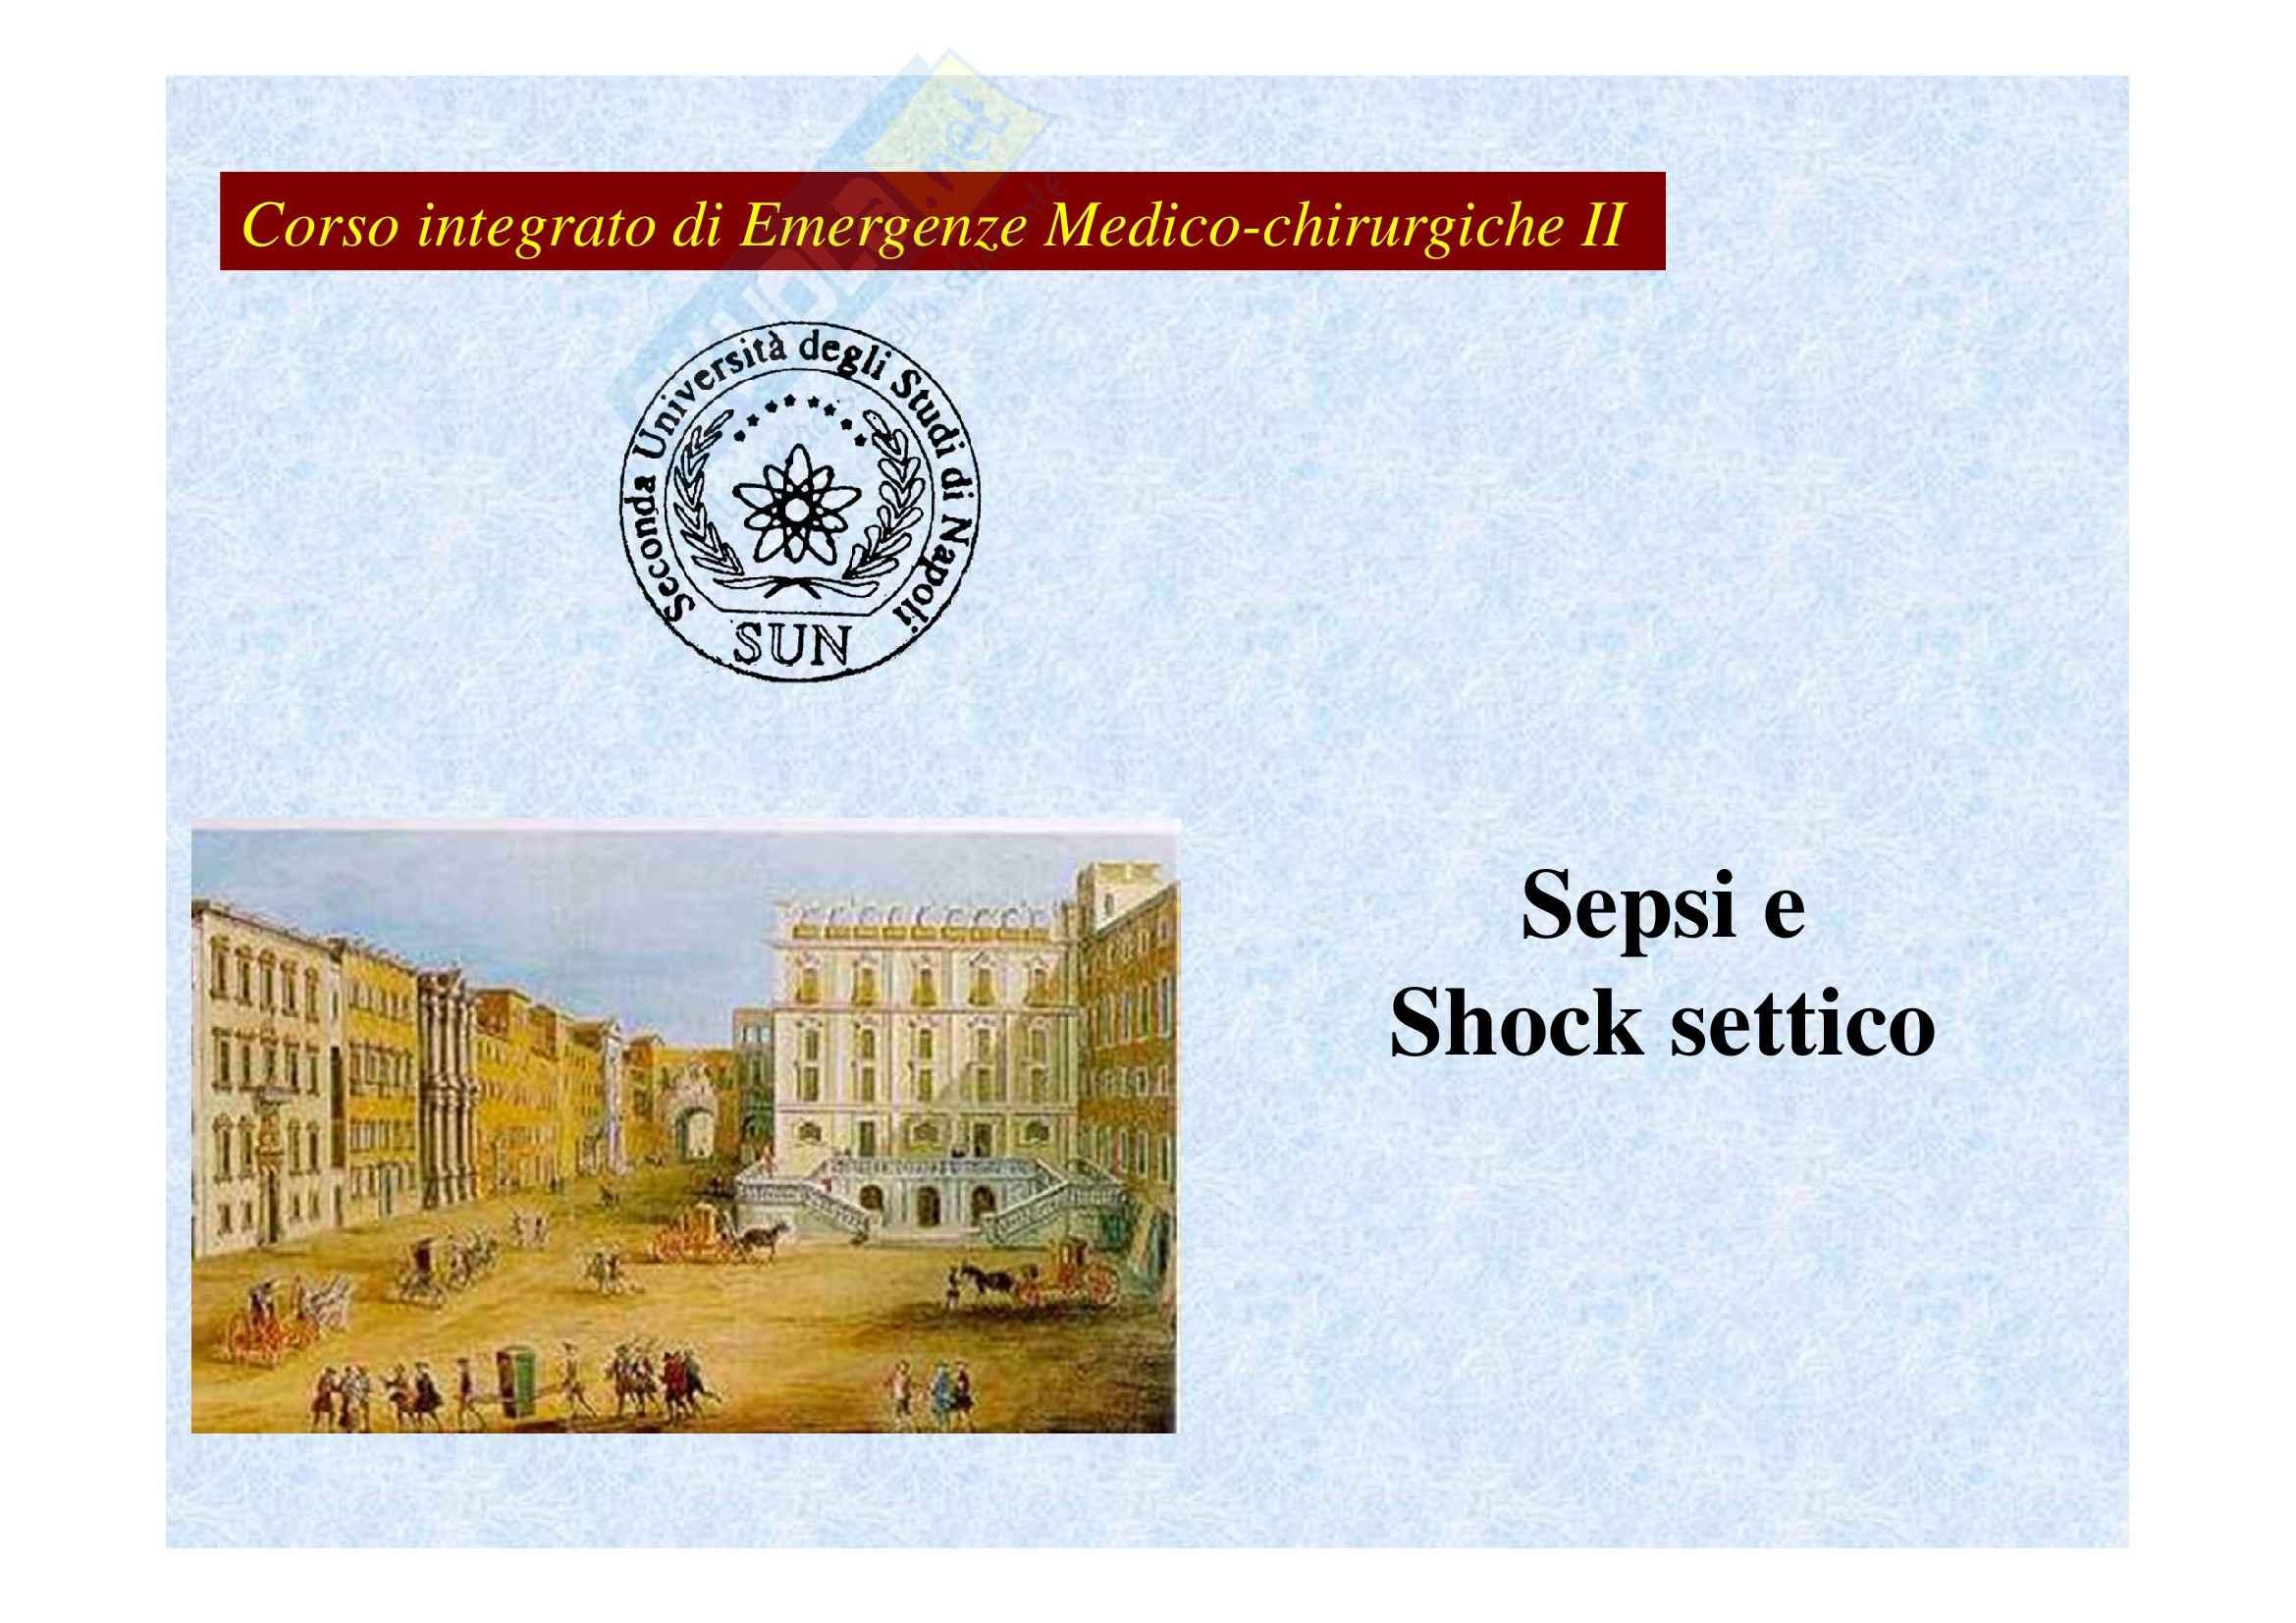 Emergenze medico-chirurgiche II - sepsi e shock settico prima parte